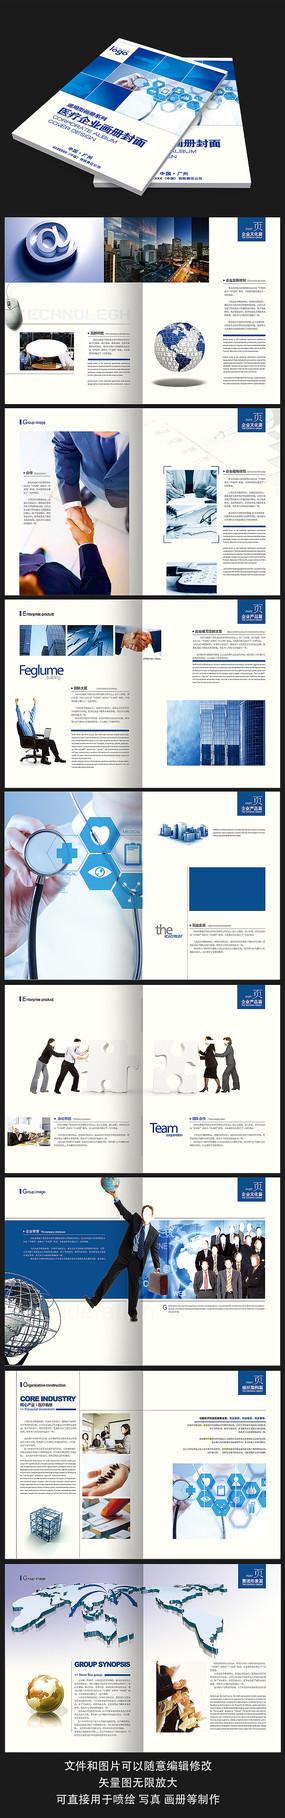 蓝色医疗科技企业宣传画册设计